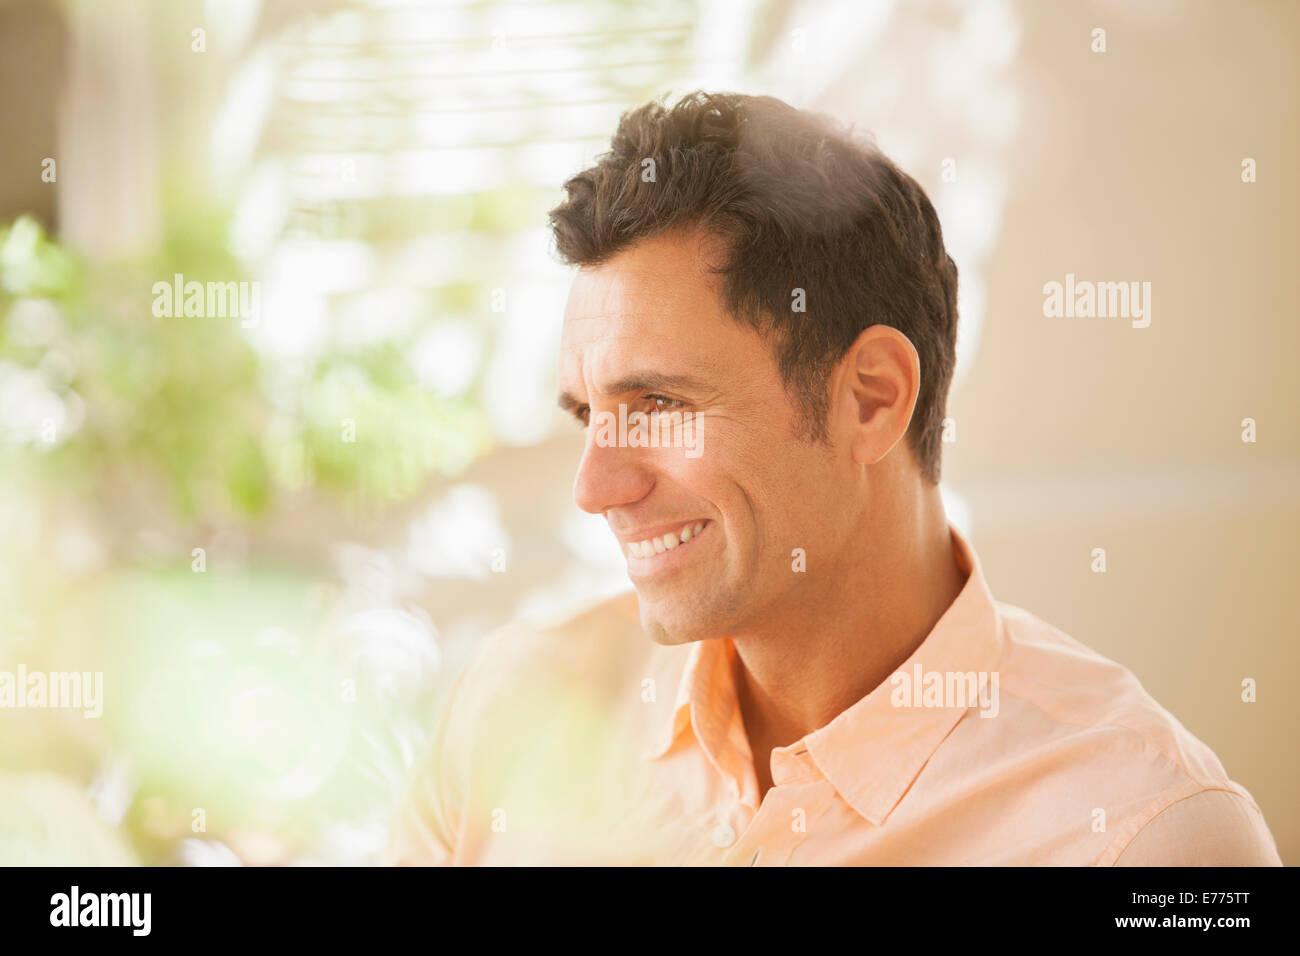 Hombre sonriente en interiores Imagen De Stock